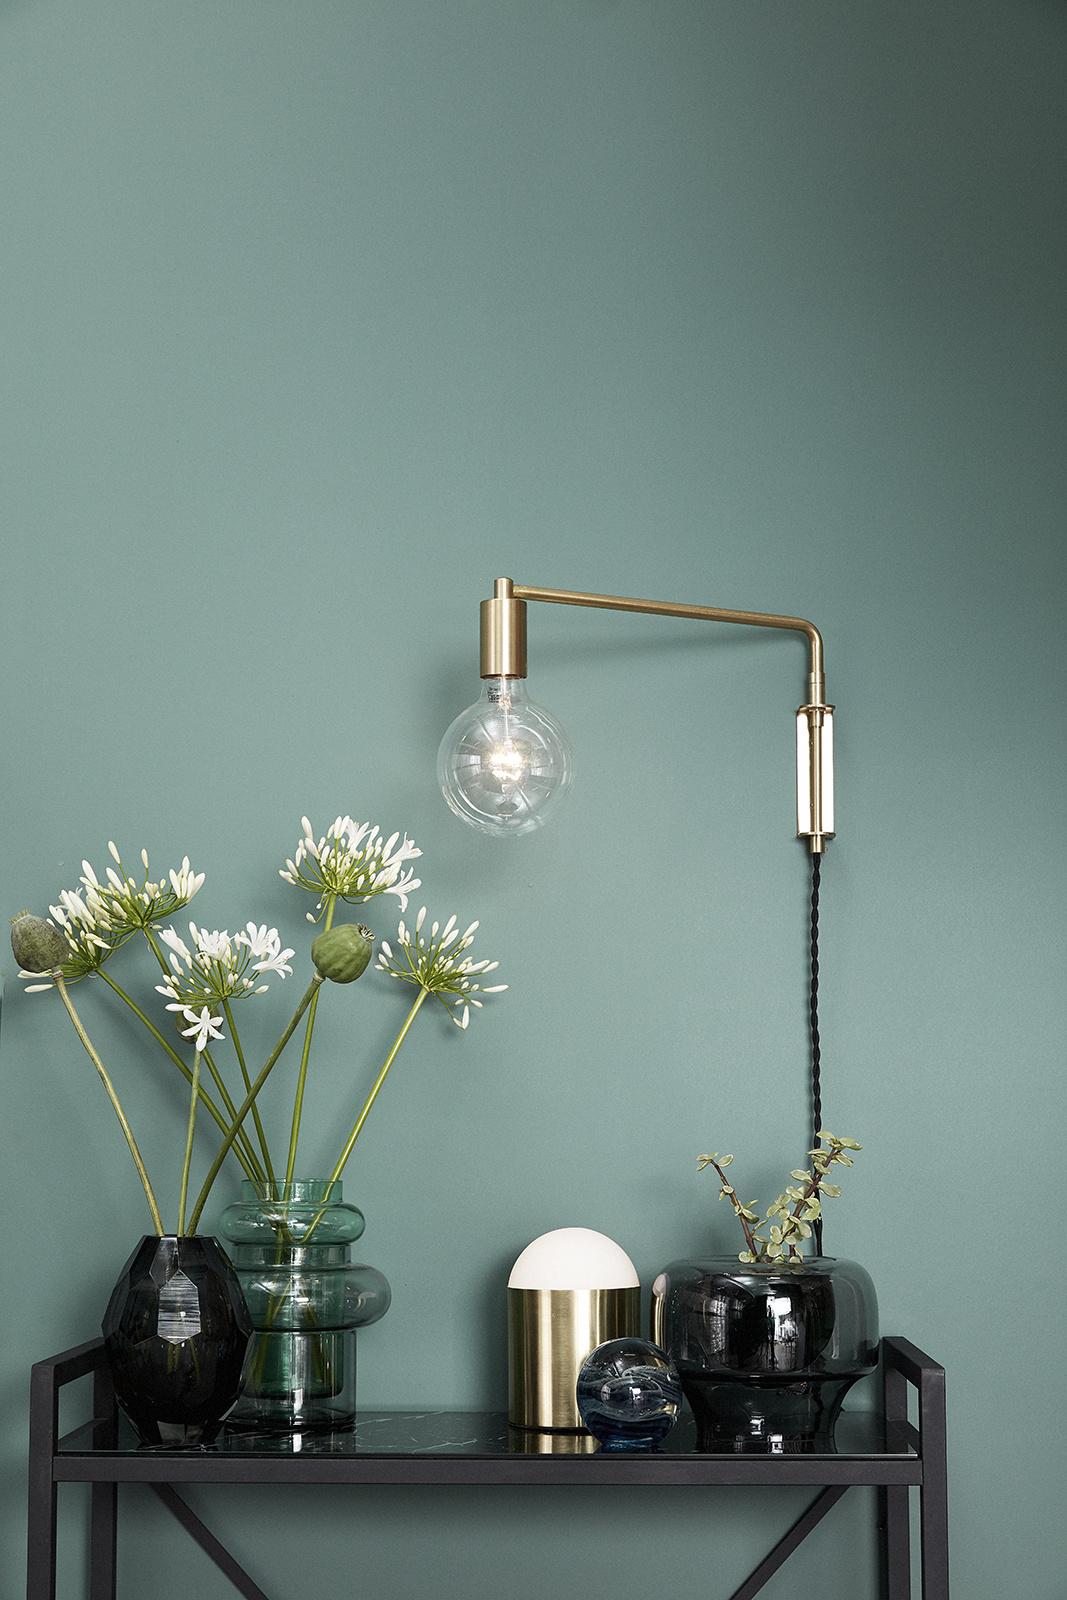 Hubsch Wandlamp met lamp, LED, goud-890501-5712772059593